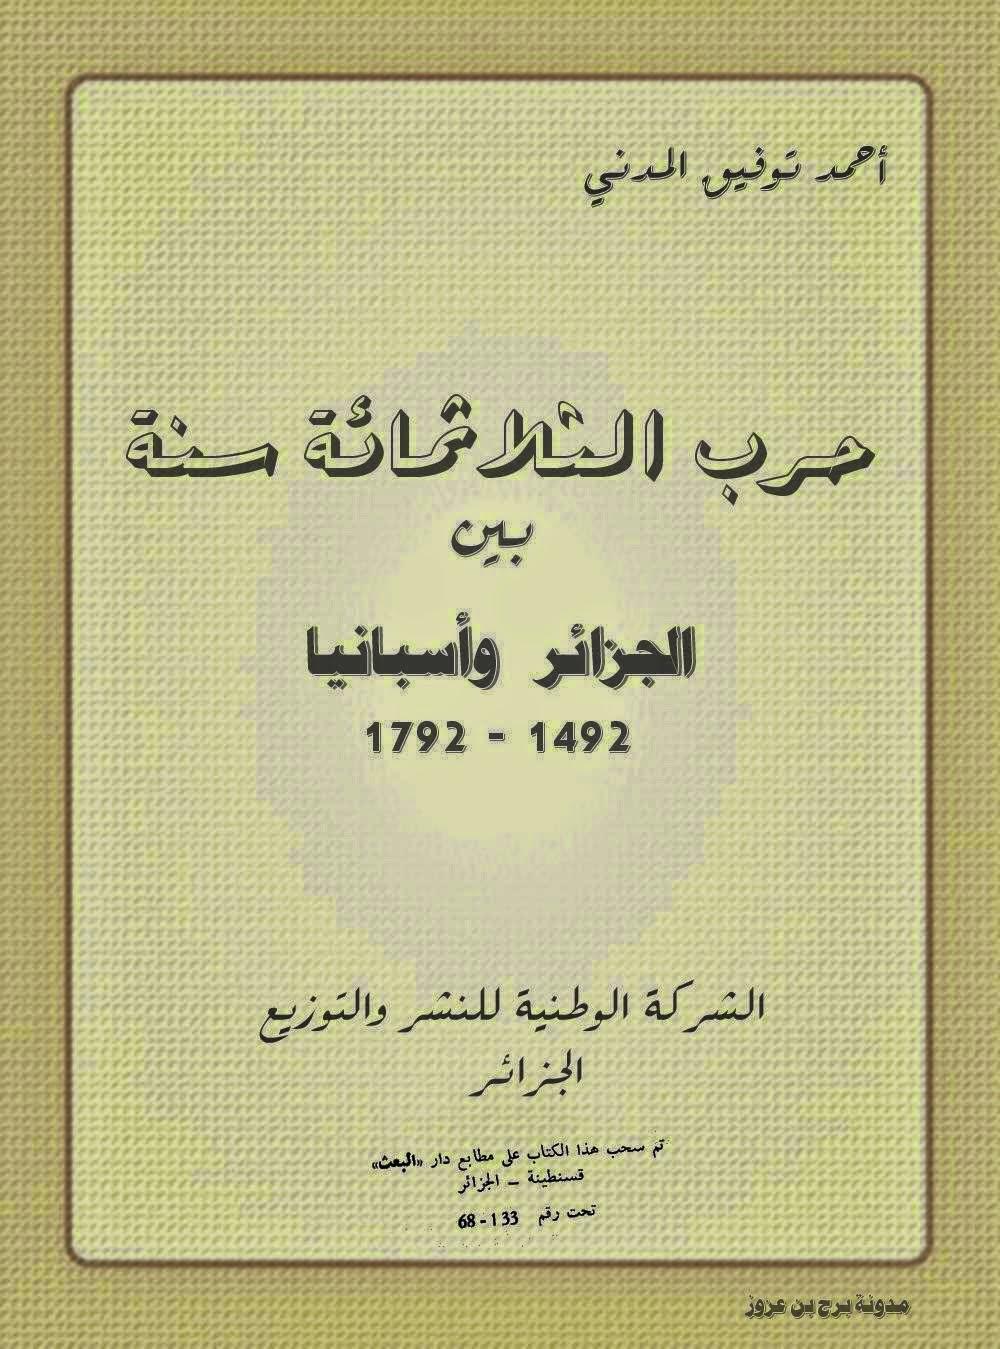 كتاب حرب الثلاثمائة سنة بين الجزائر وإسبانيا 1492-1792 - أحمد توفيق المدني